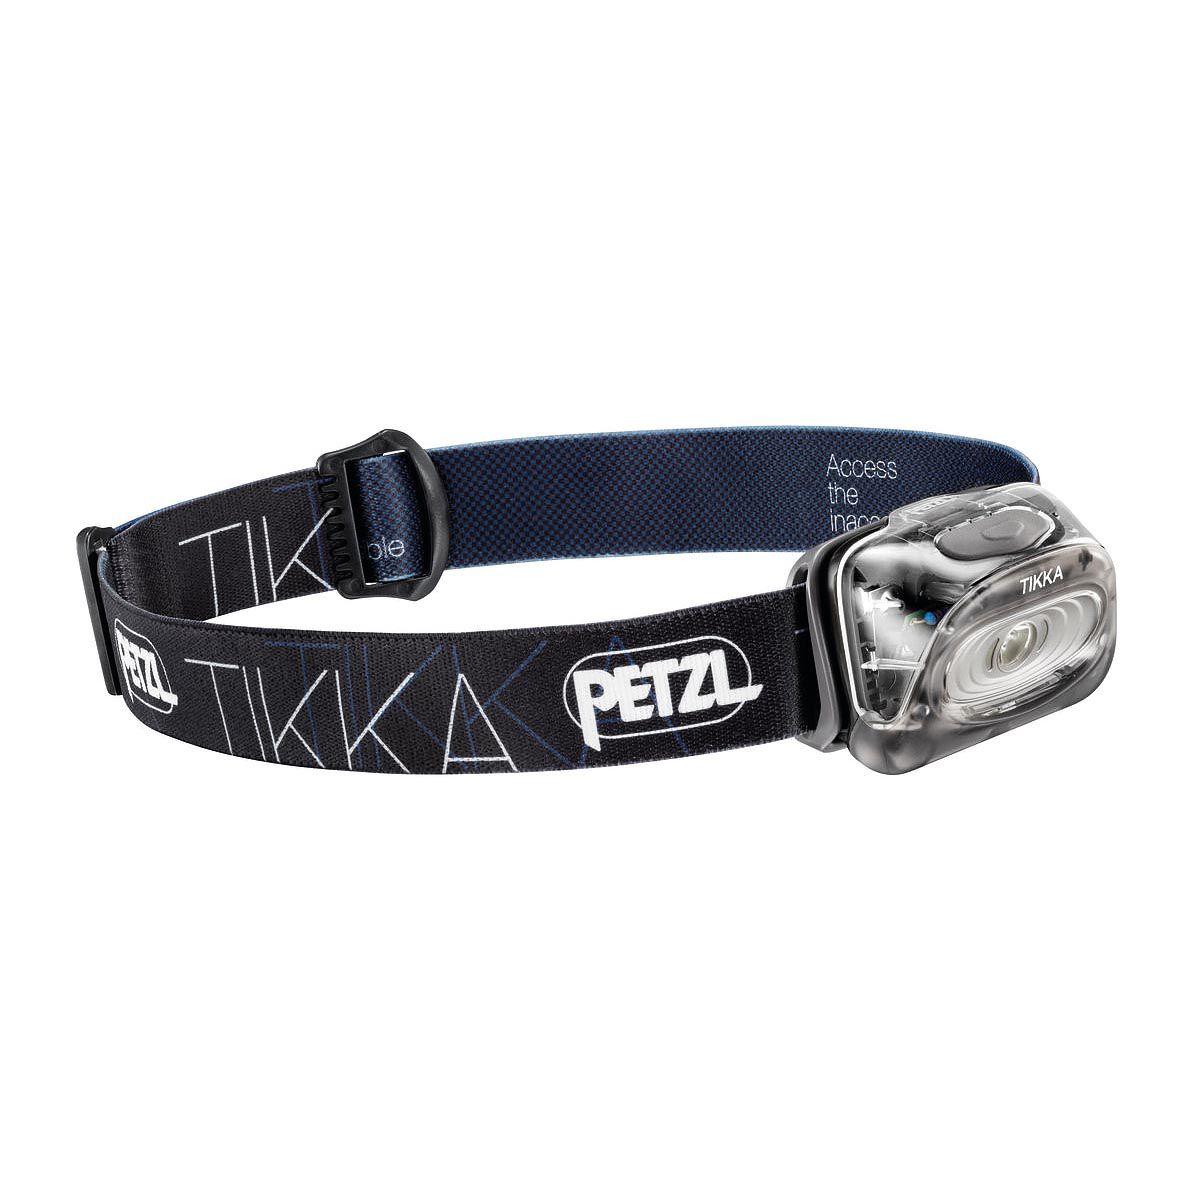 Lanterna de Cabeça TIKKA - Petzl